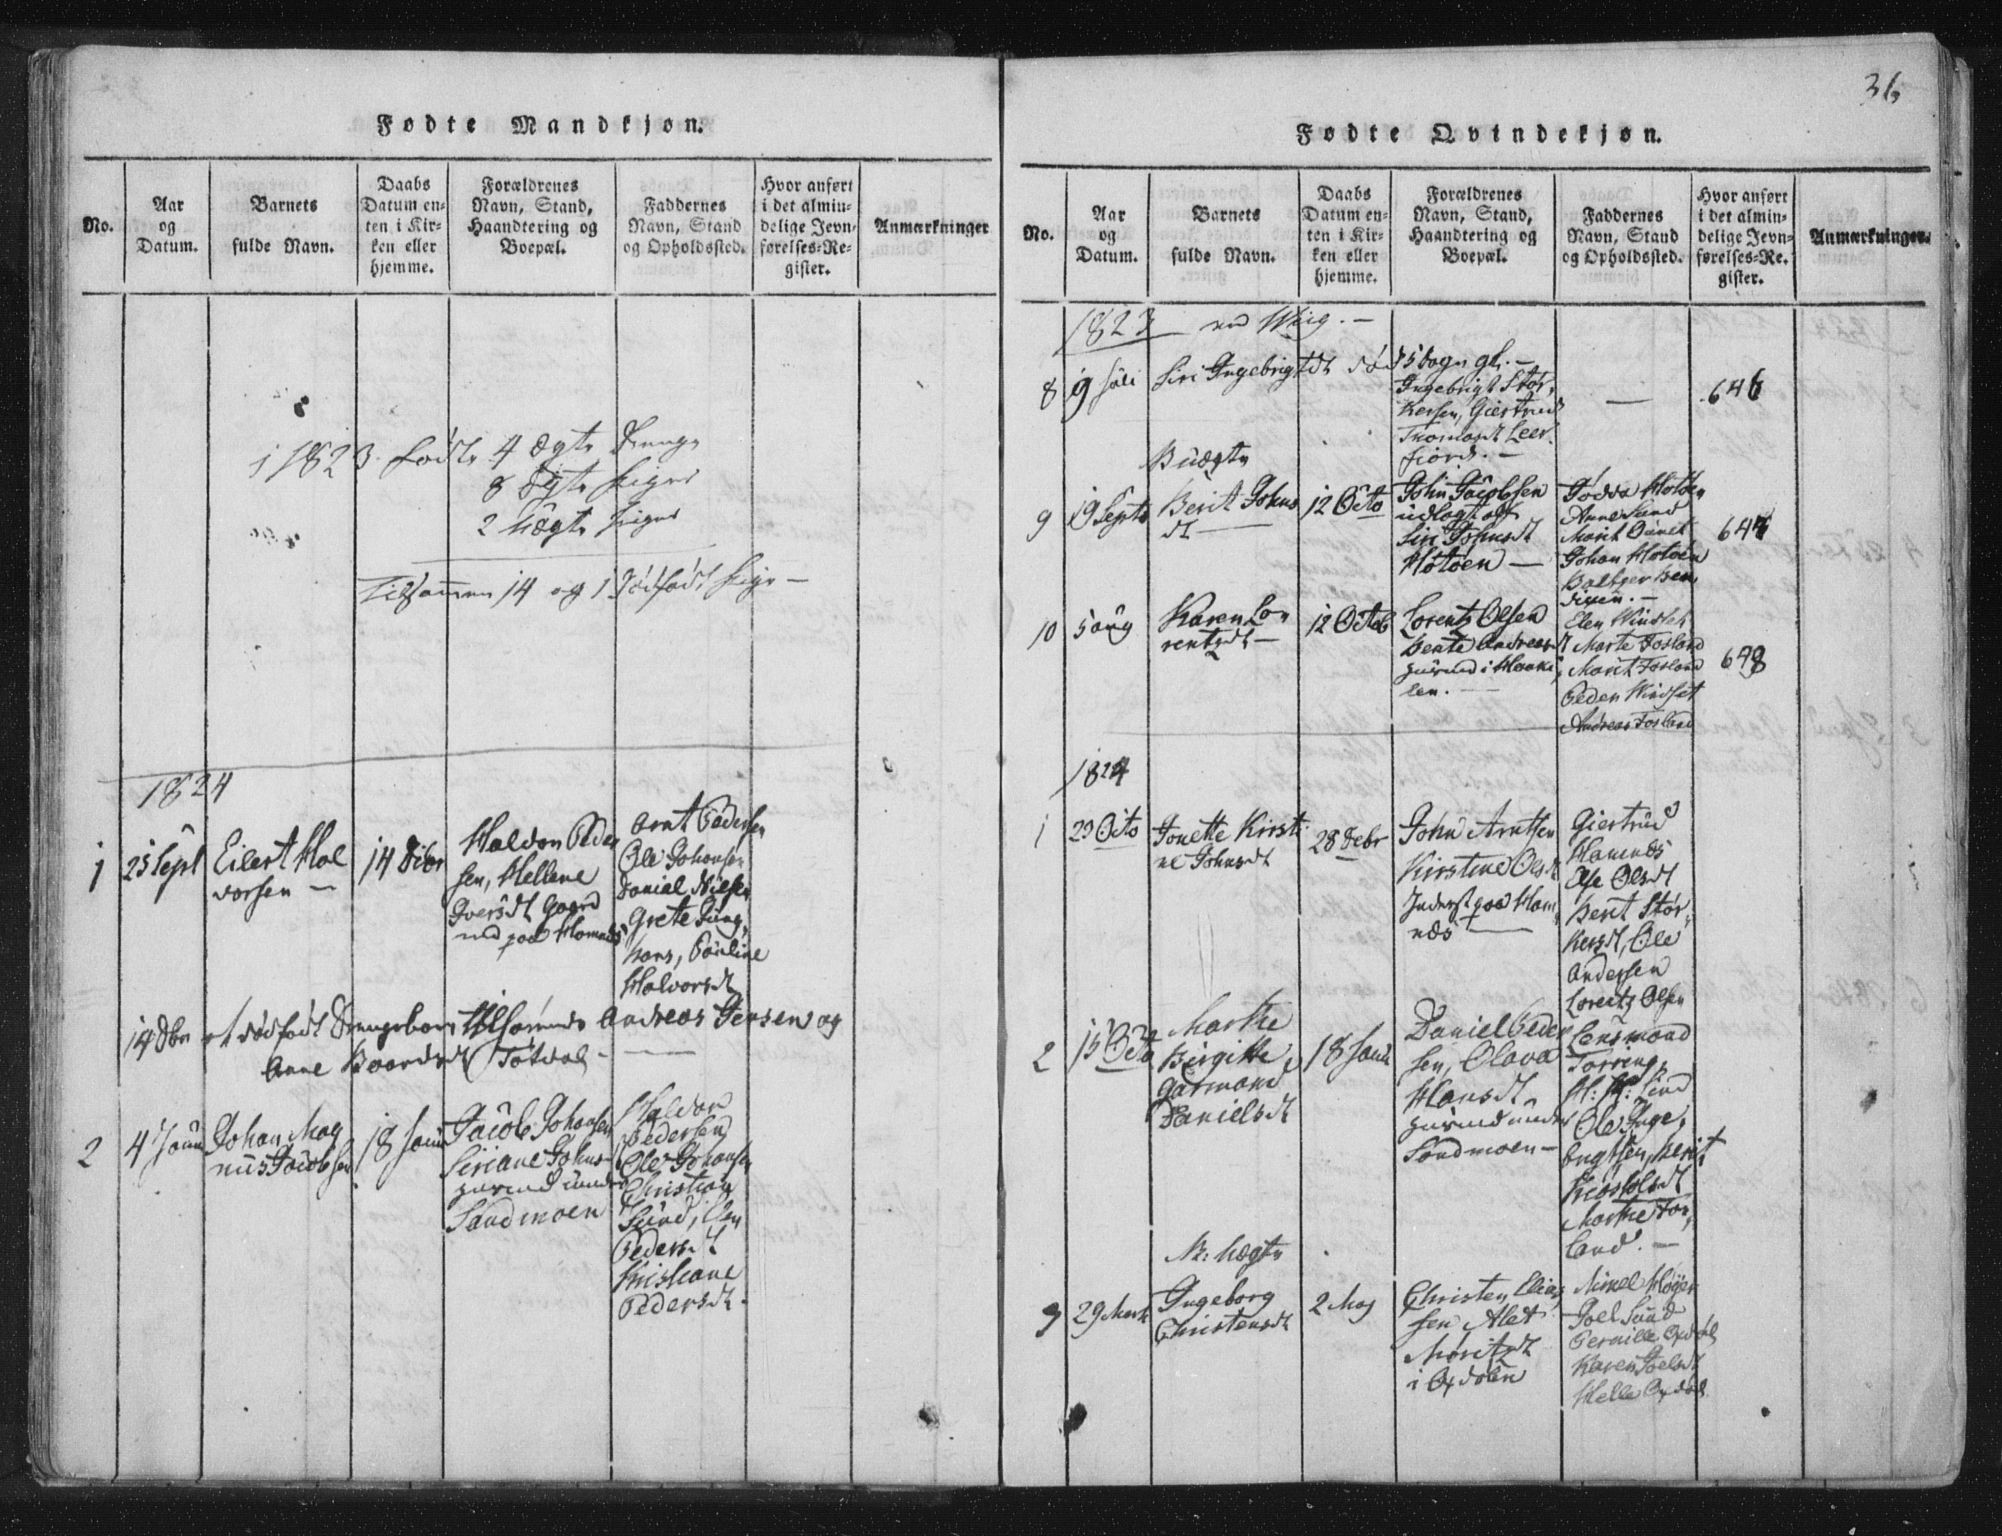 SAT, Ministerialprotokoller, klokkerbøker og fødselsregistre - Nord-Trøndelag, 773/L0609: Ministerialbok nr. 773A03 /2, 1815-1830, s. 36